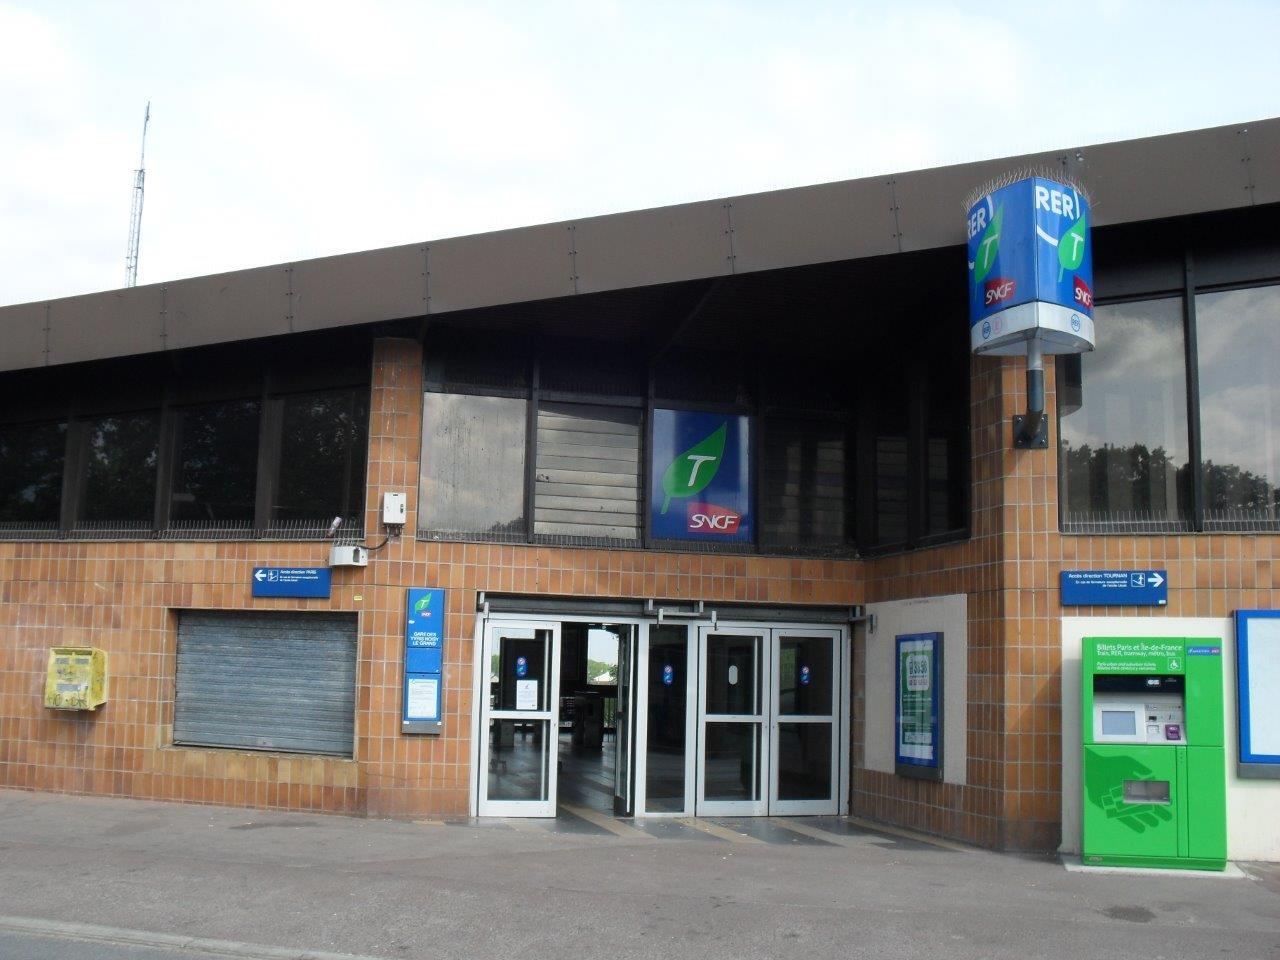 gare-des-yvris-noisy-le-grand-train-station